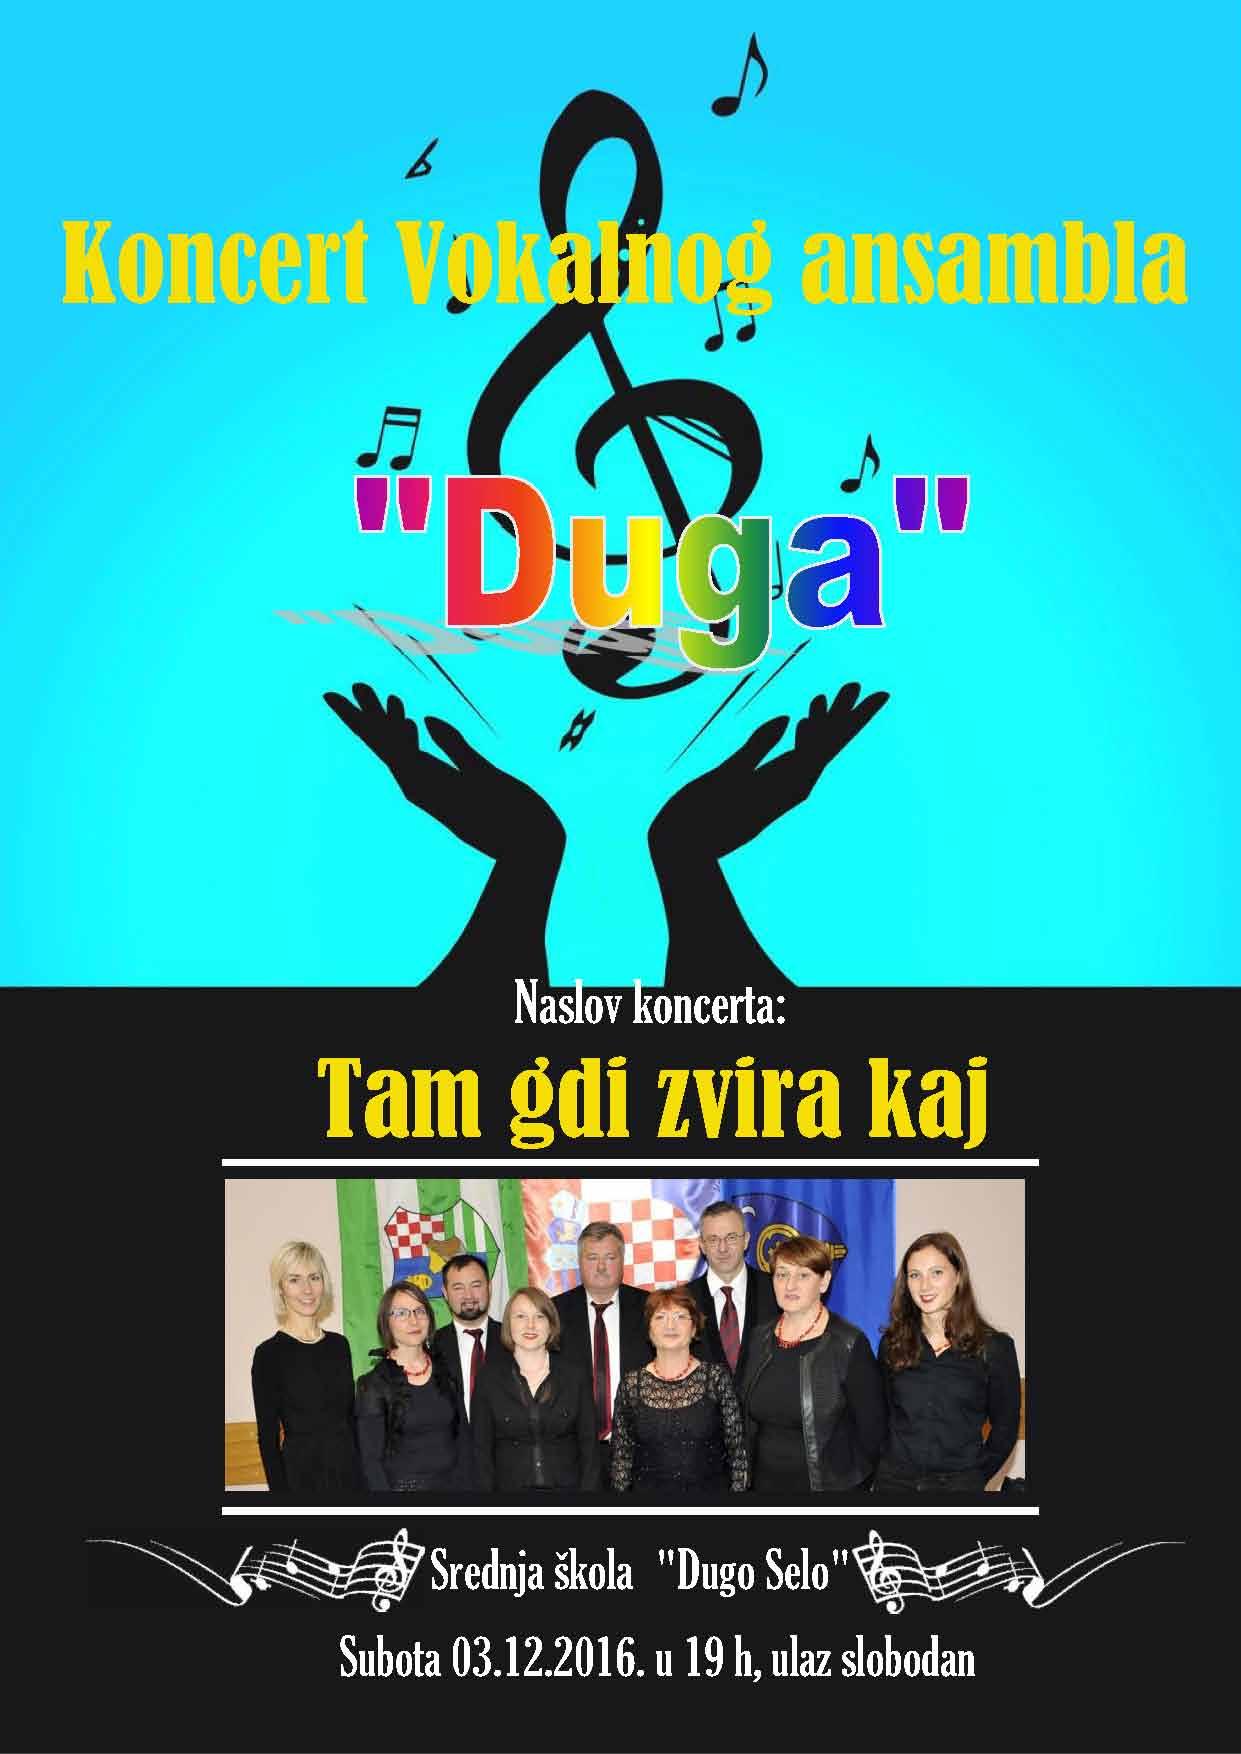 duga-koncert